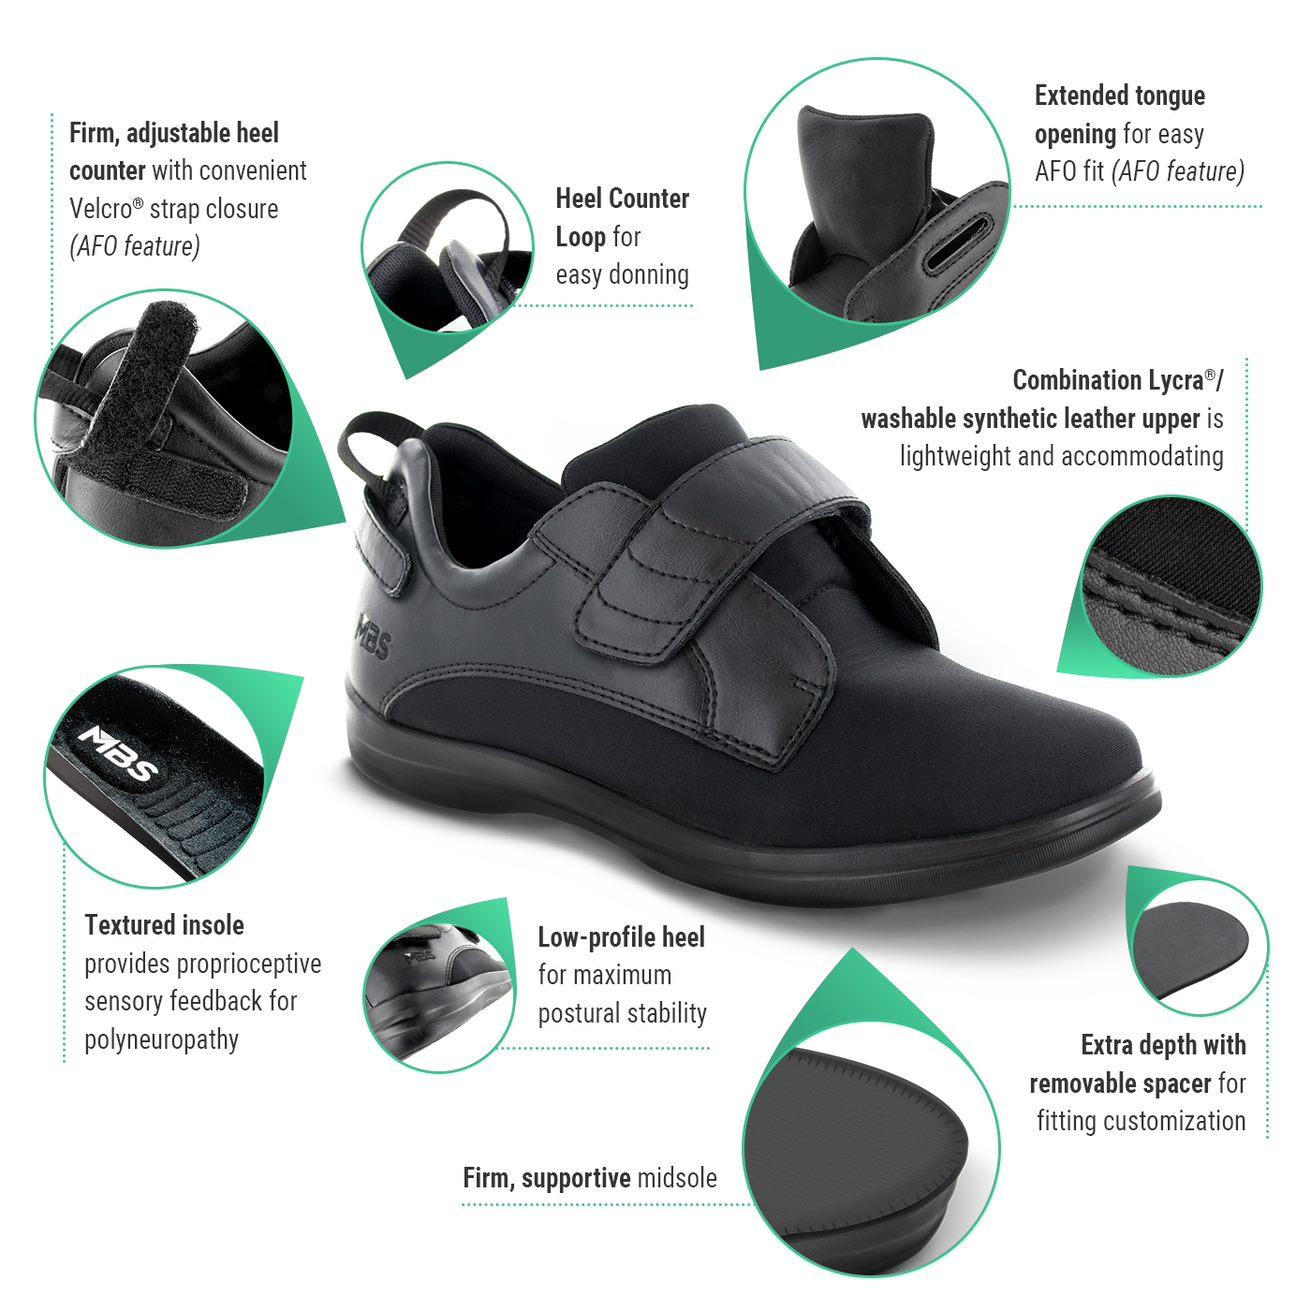 Moore Balance Shoe | apexfoot.com